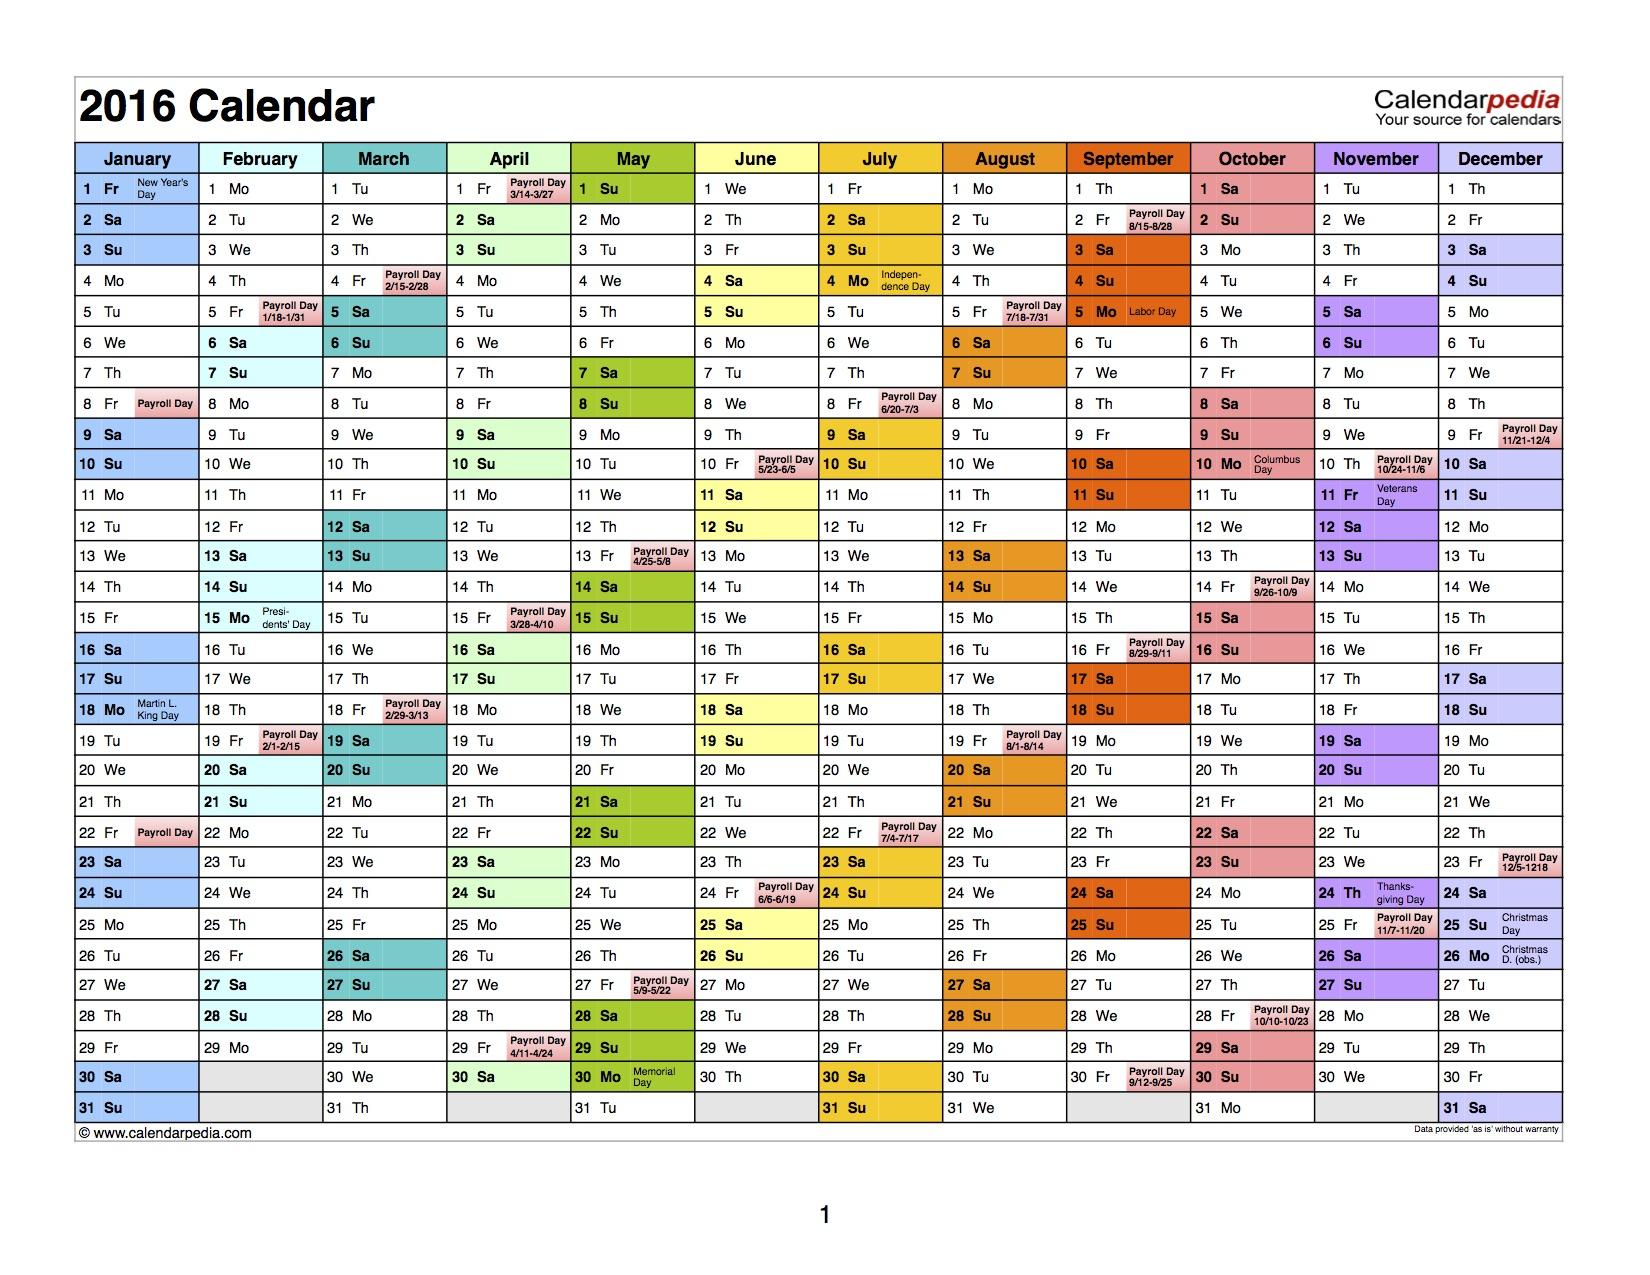 2016 Payroll Calendar